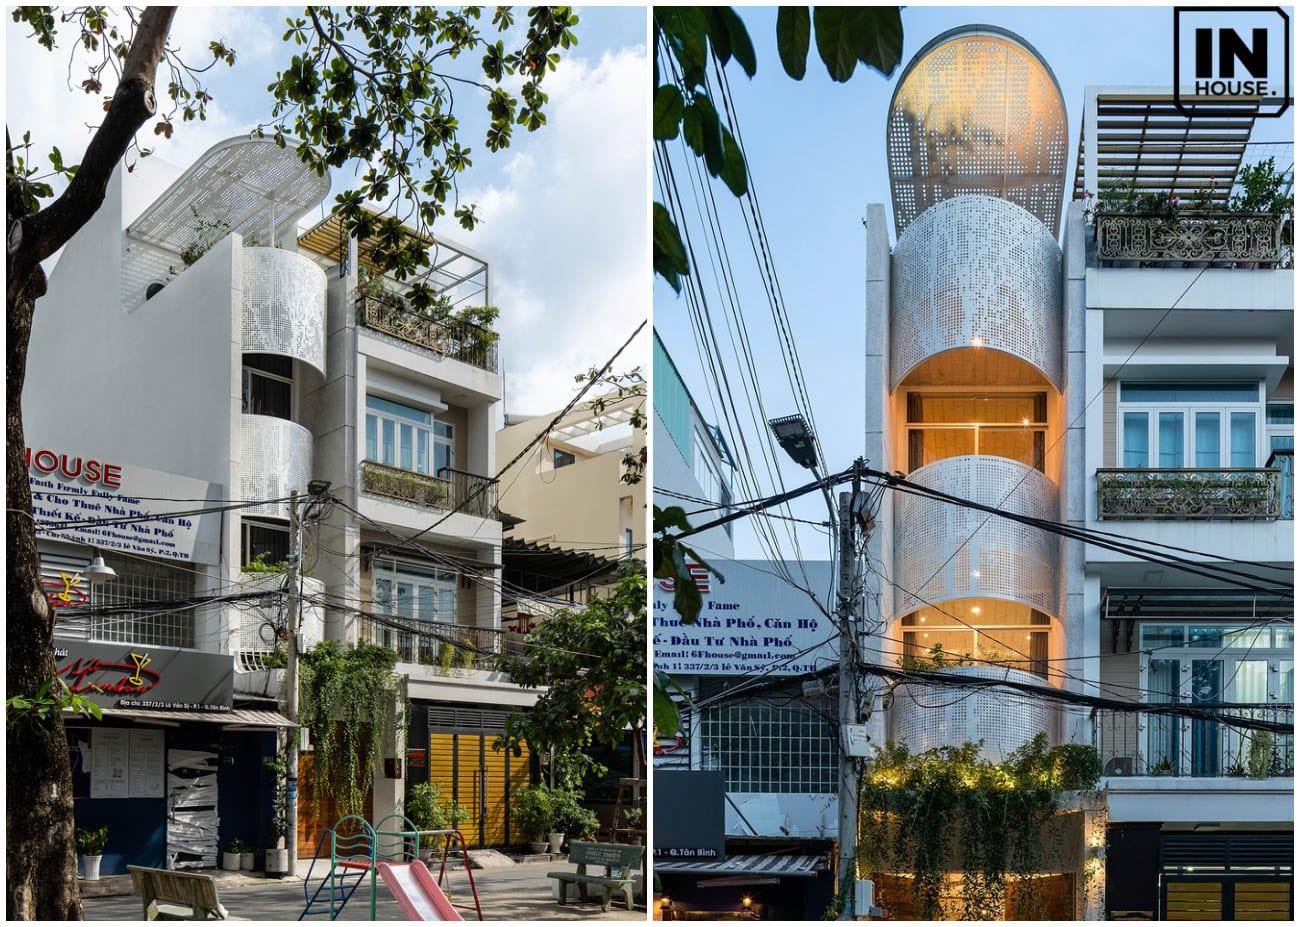 Thiết kế nhà phố theo phong cách Indochine Style